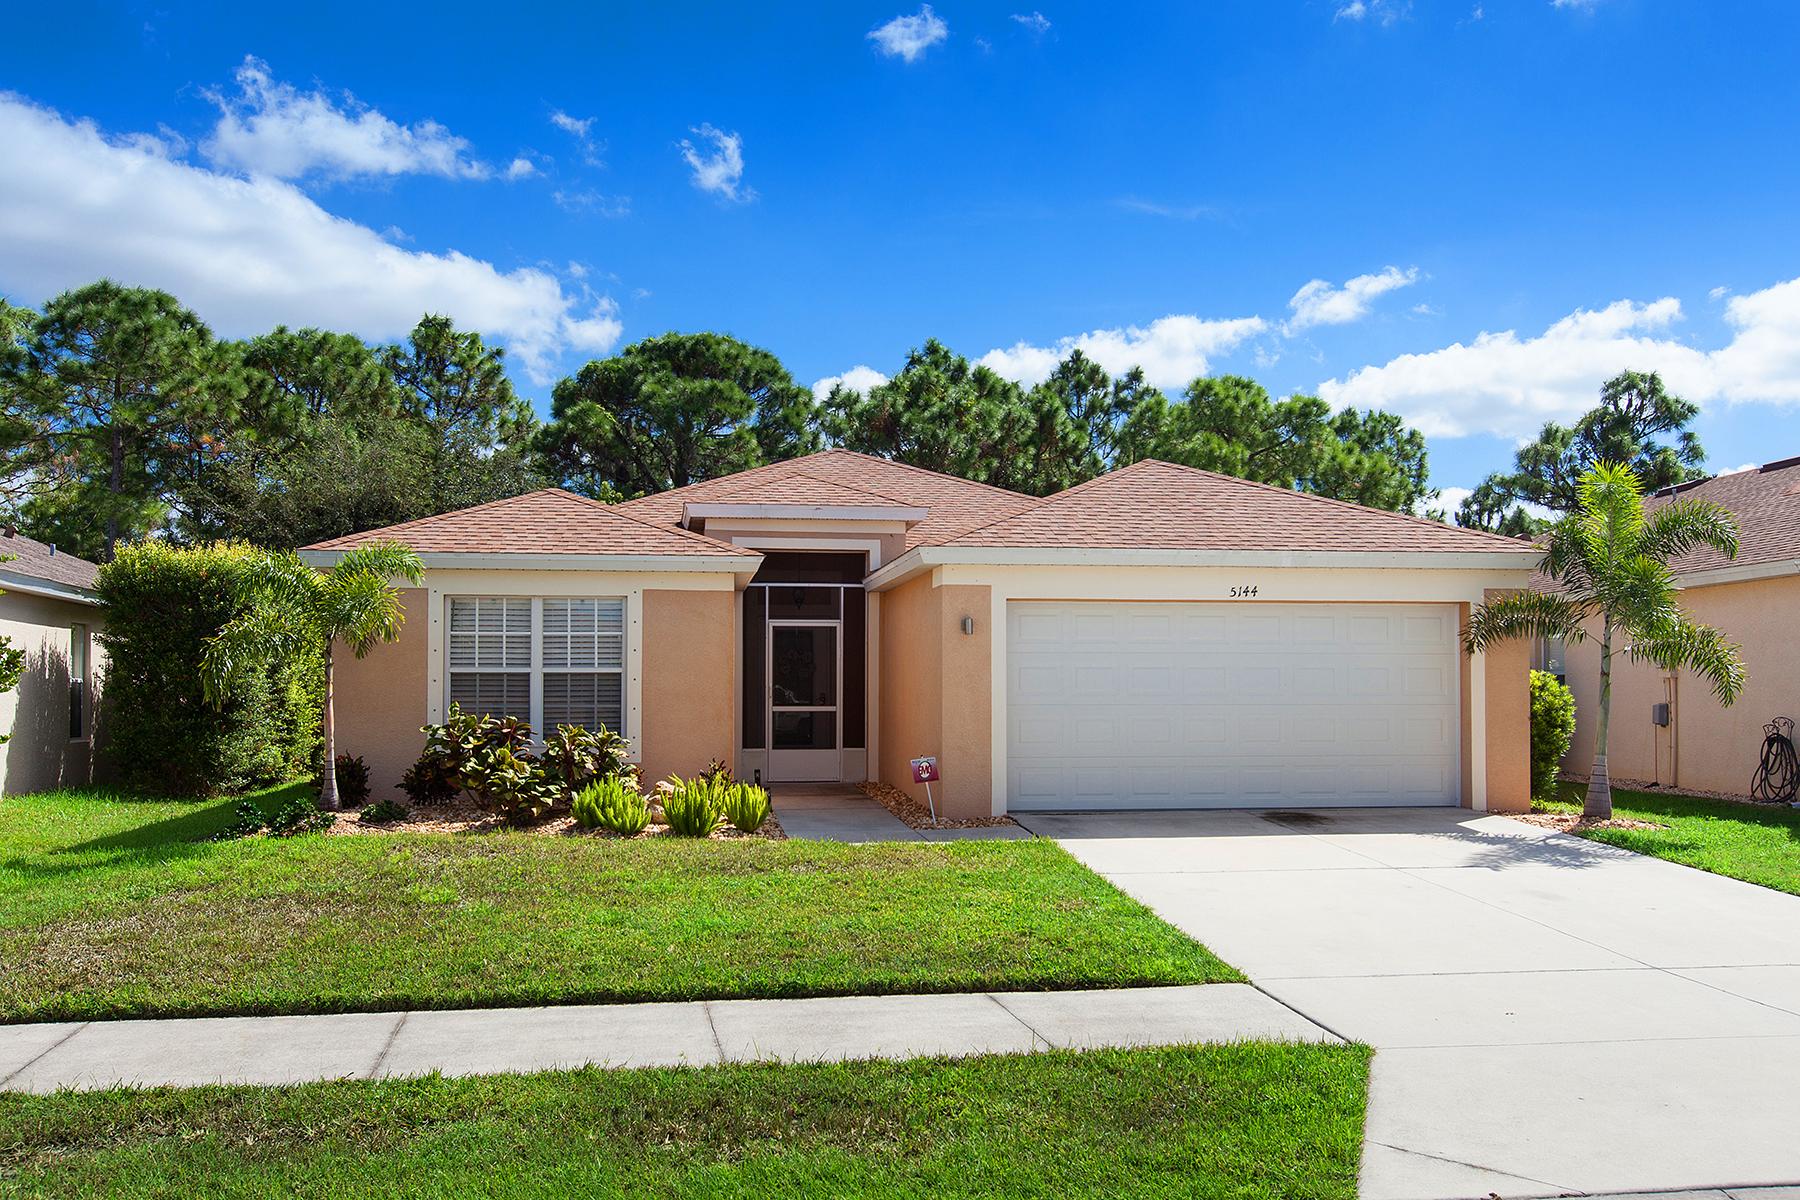 独户住宅 为 销售 在 VENTURA VILLAGE 5144 Layton Dr 威尼斯, 佛罗里达州, 34293 美国